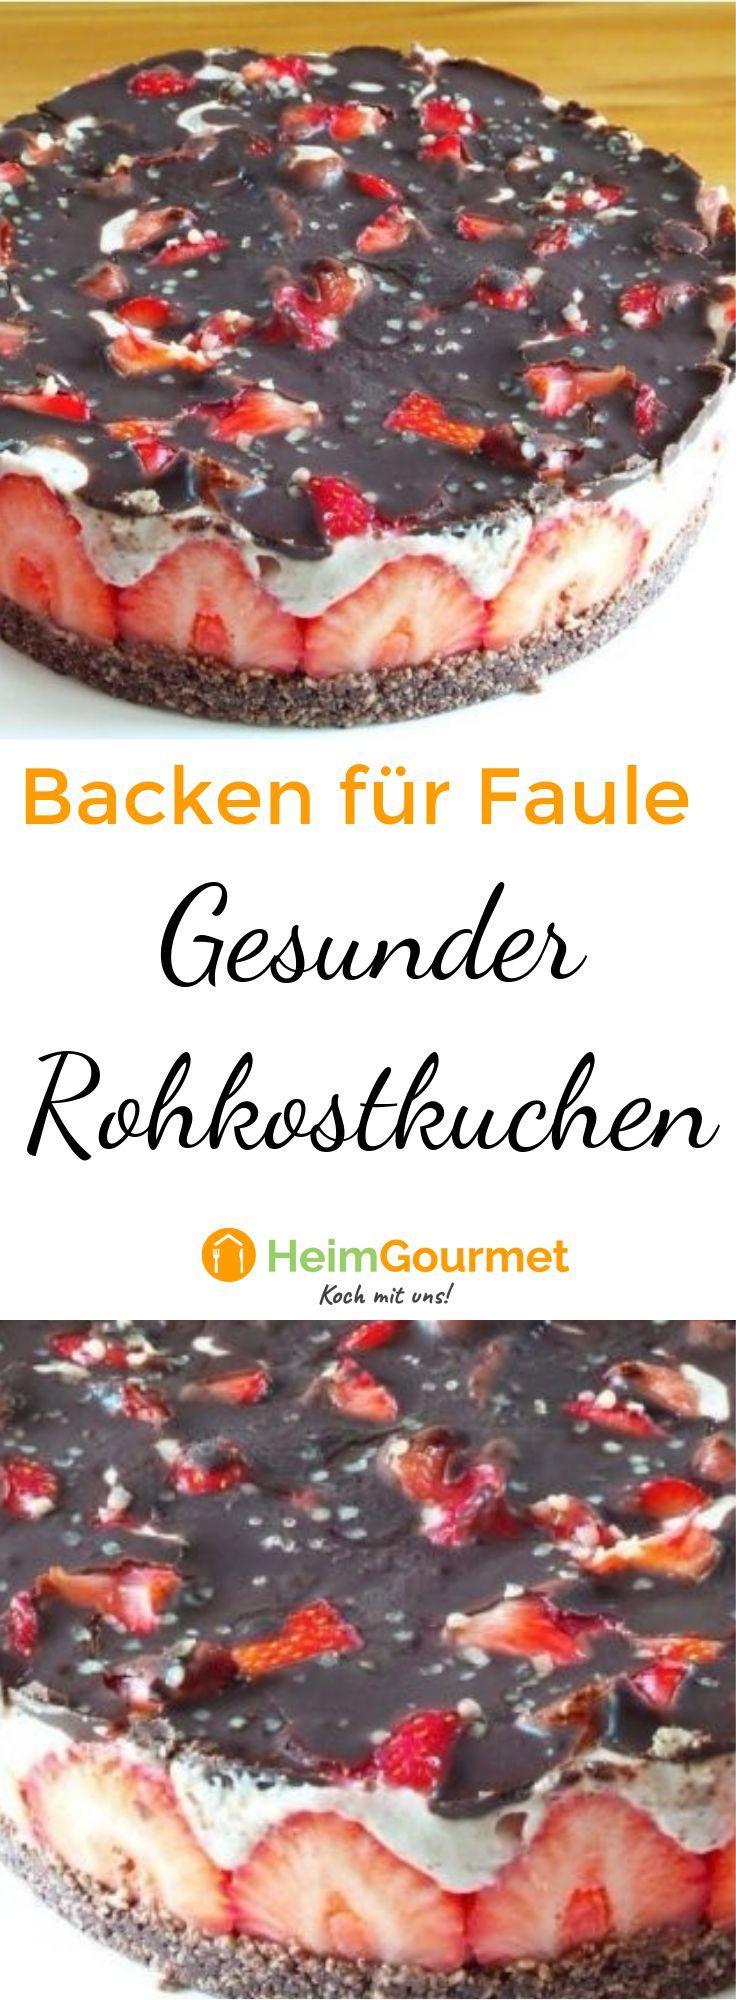 ROHKOSTKUCHEN – Der gesunde Kuchen für Backfaule